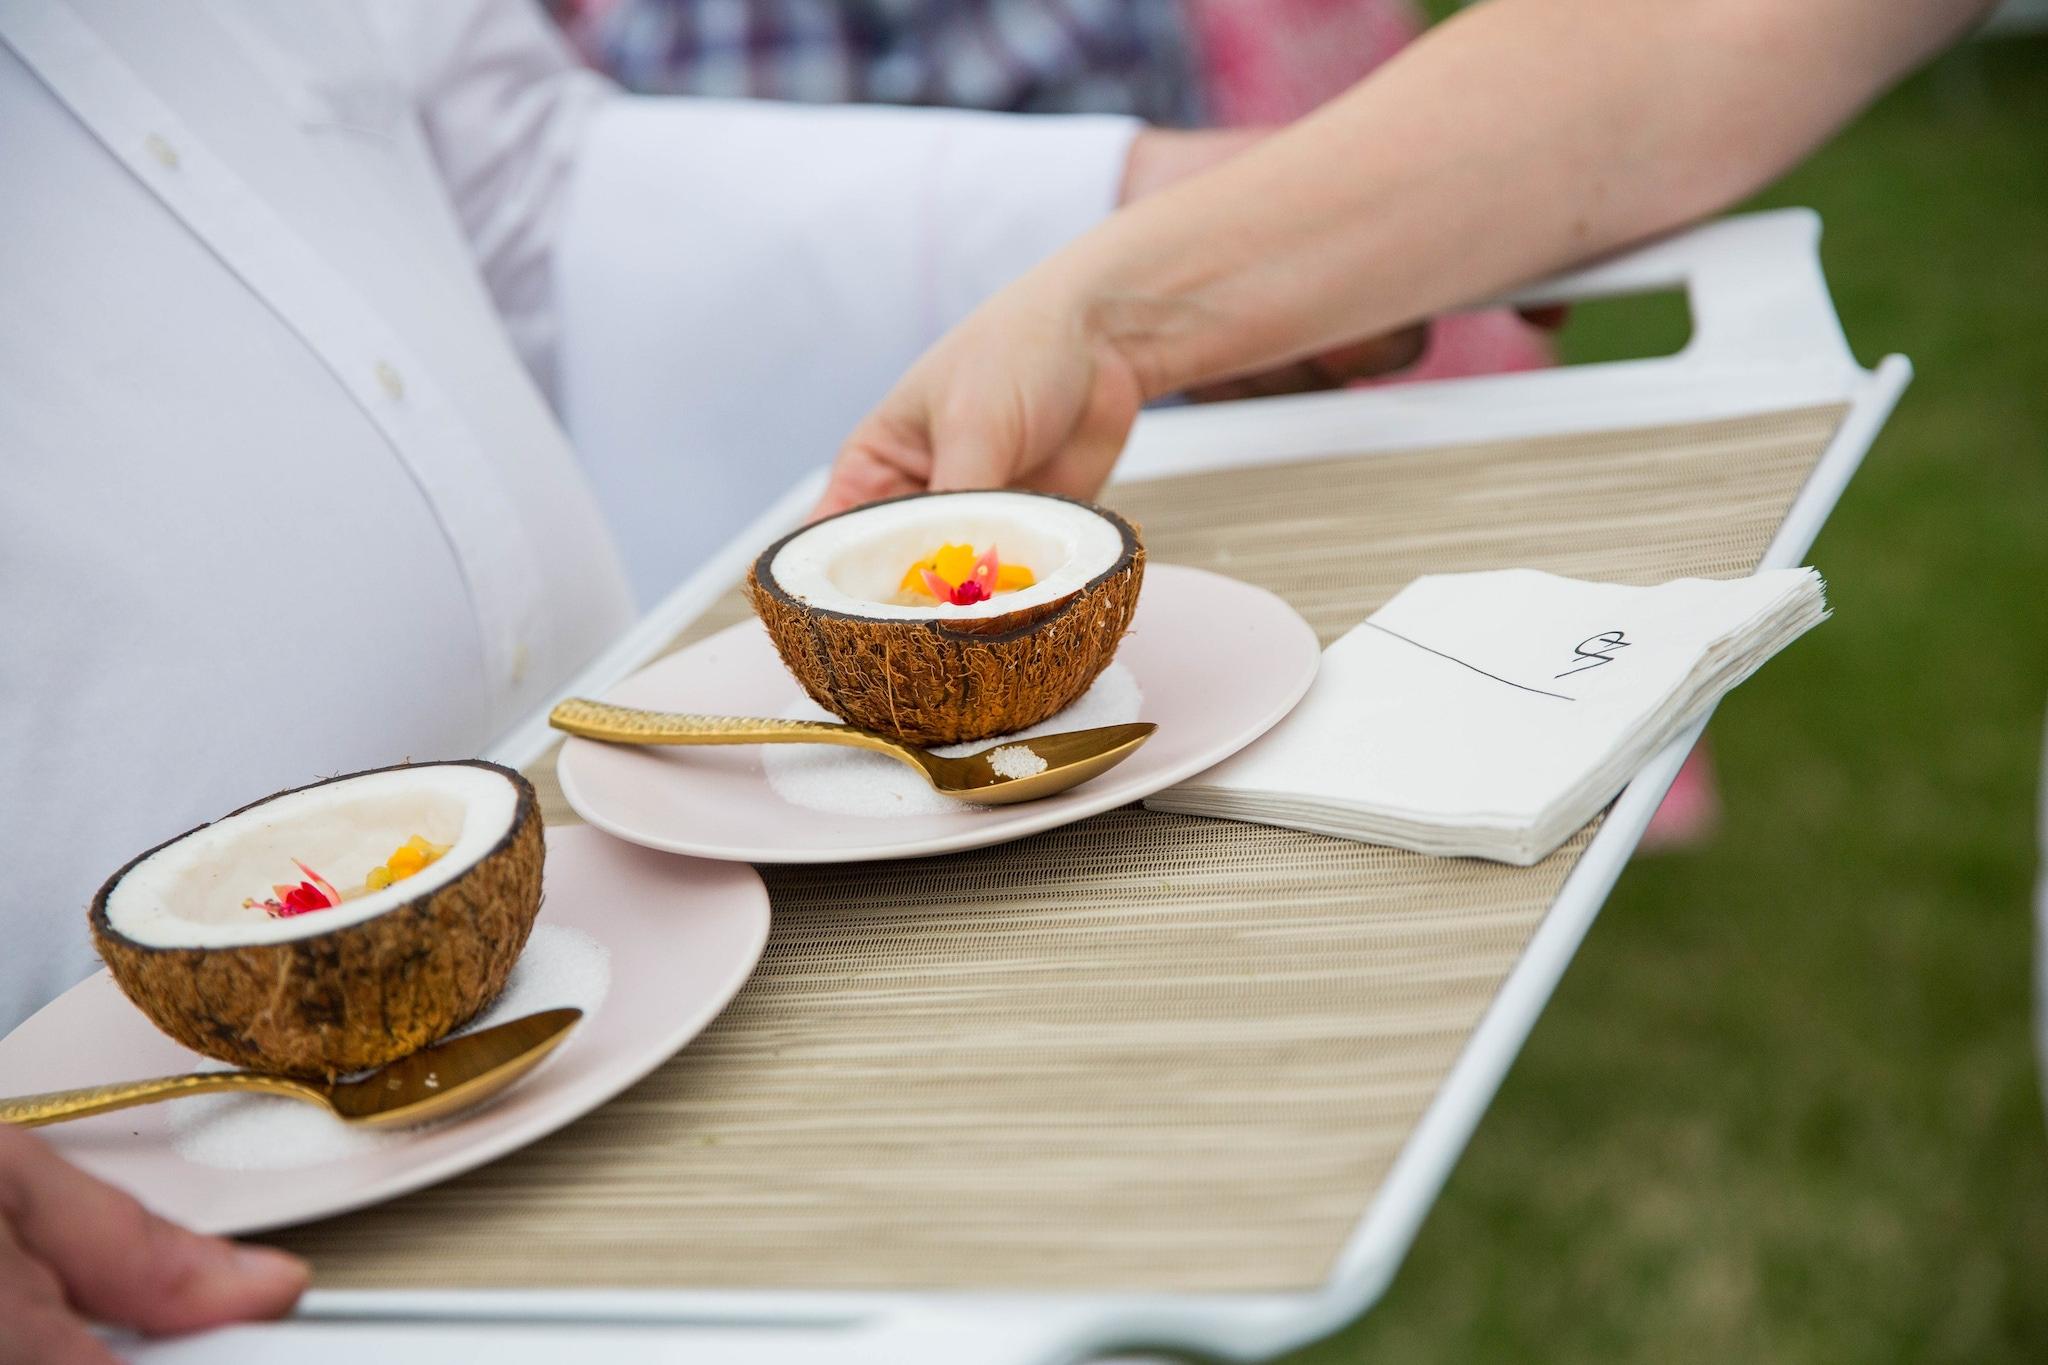 coconut serving platter